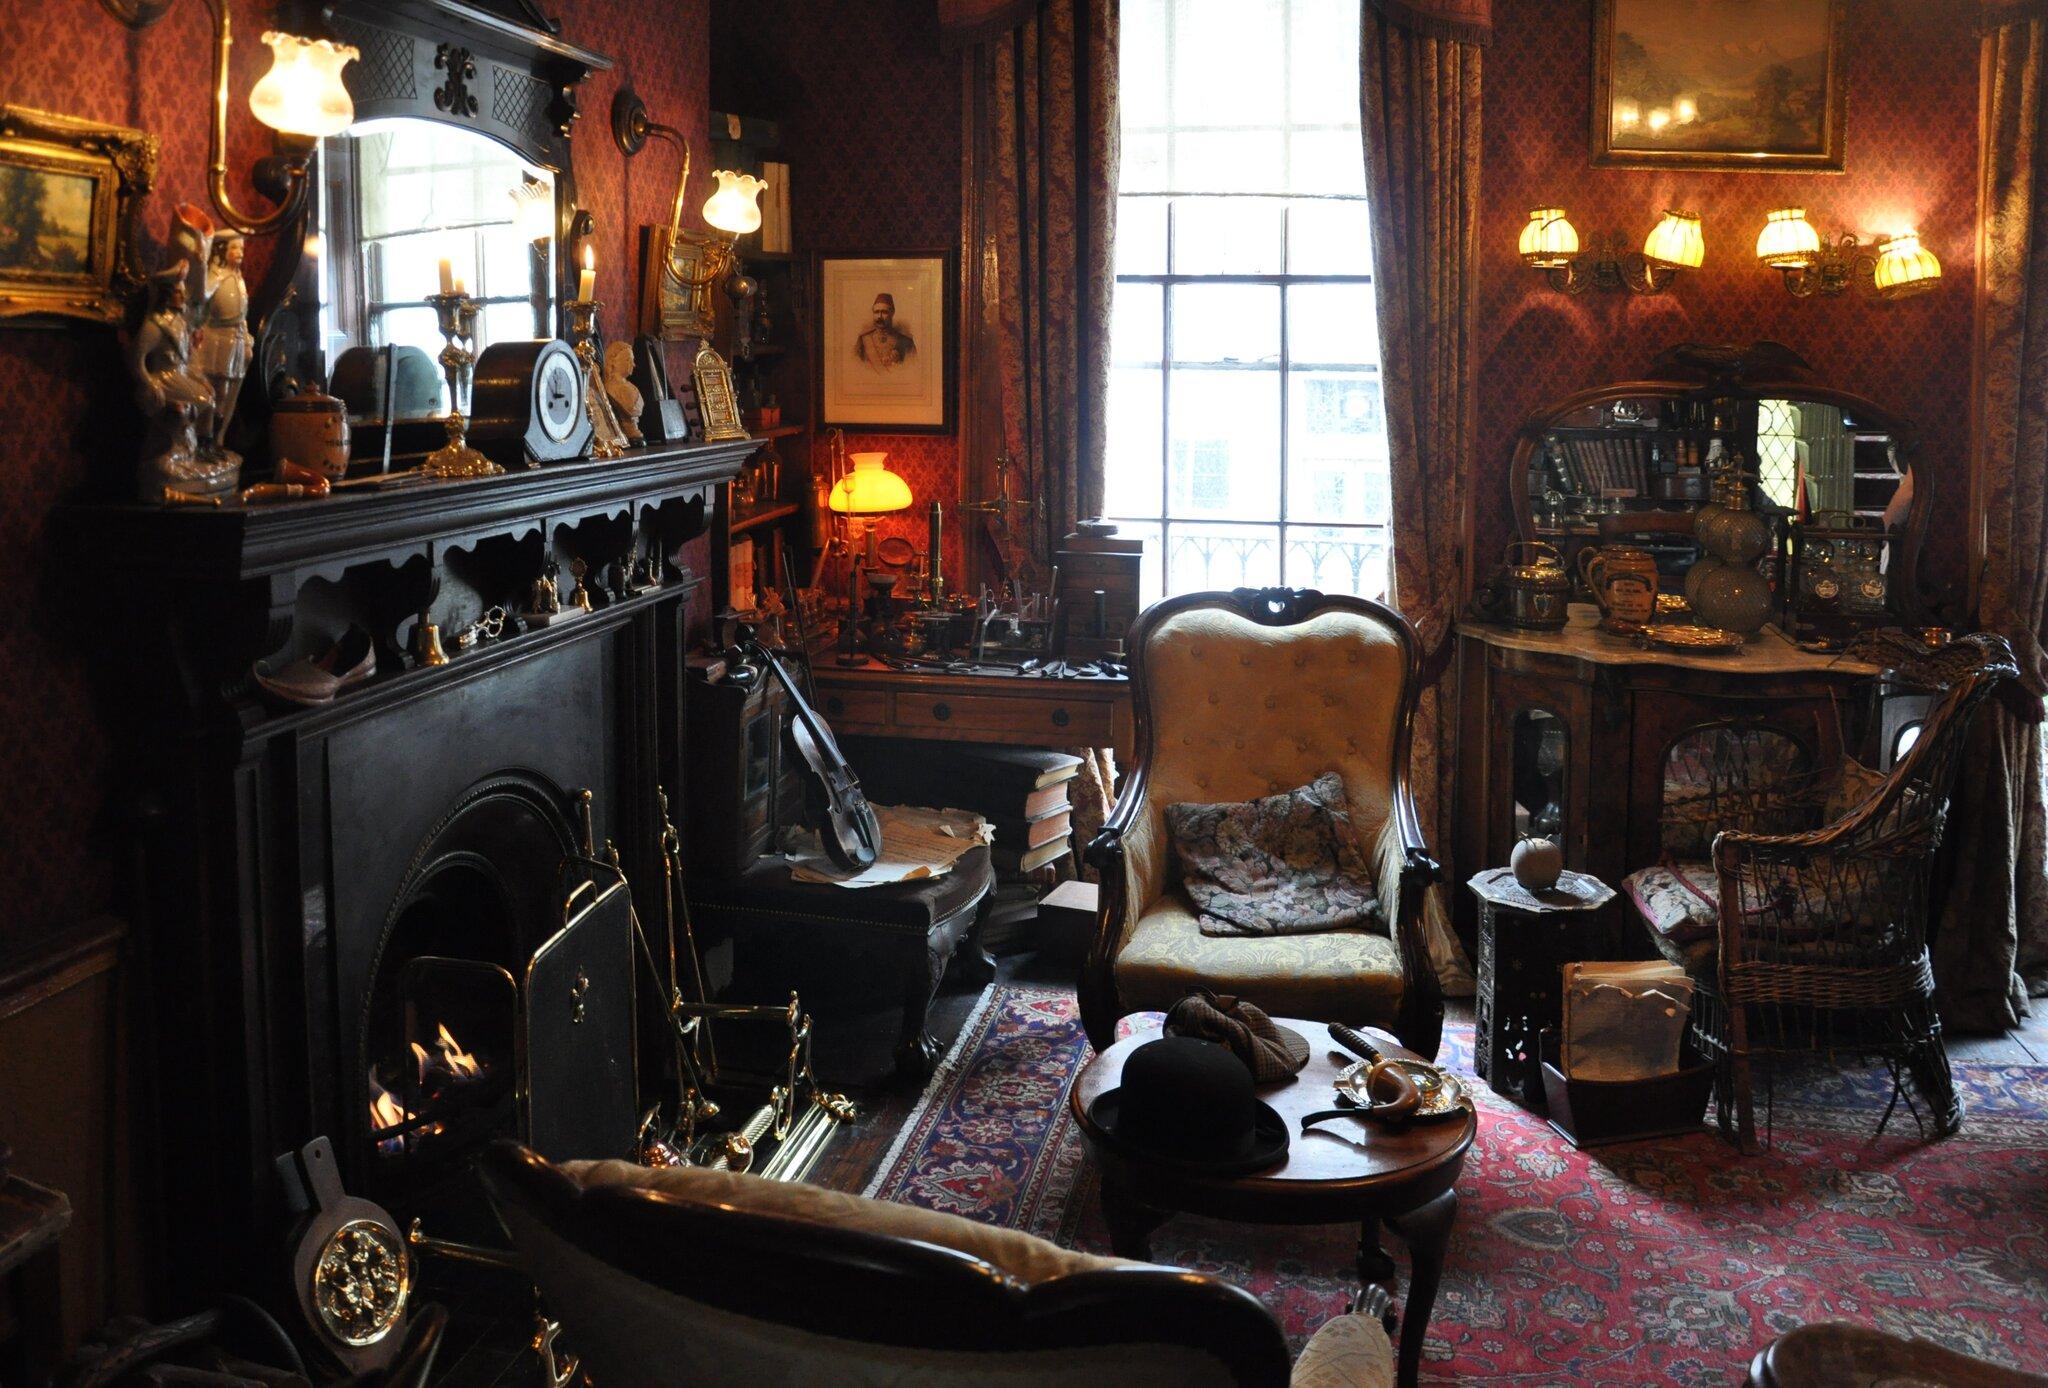 Muzeum Sherlocka Holmesa przy Baker Street 221B wLondynie, pokój gościnny Muzeum Sherlocka Holmesa przy Baker Street 221B wLondynie, pokój gościnny Źródło: fotografia barwna, domena publiczna.